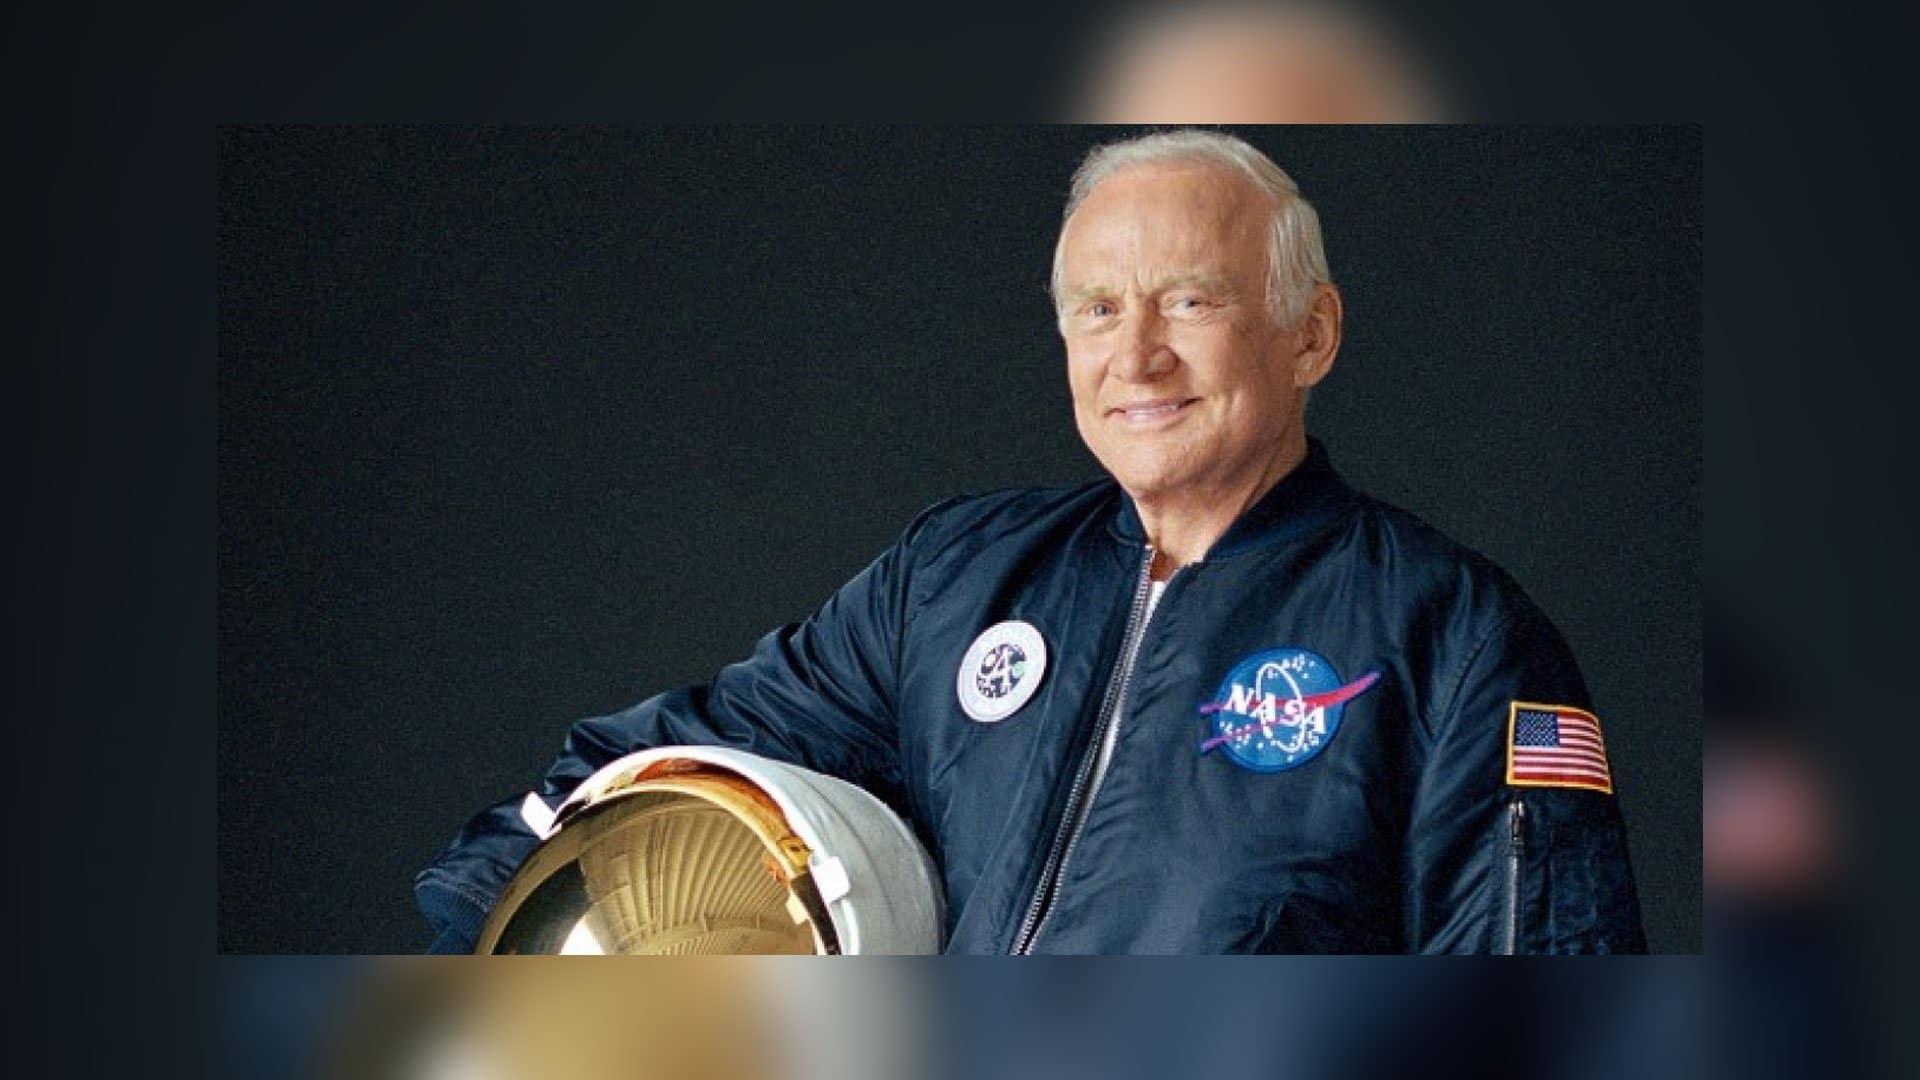 El Apolo 11 fue perseguido por OVNIS según revela Buzz Aldrin